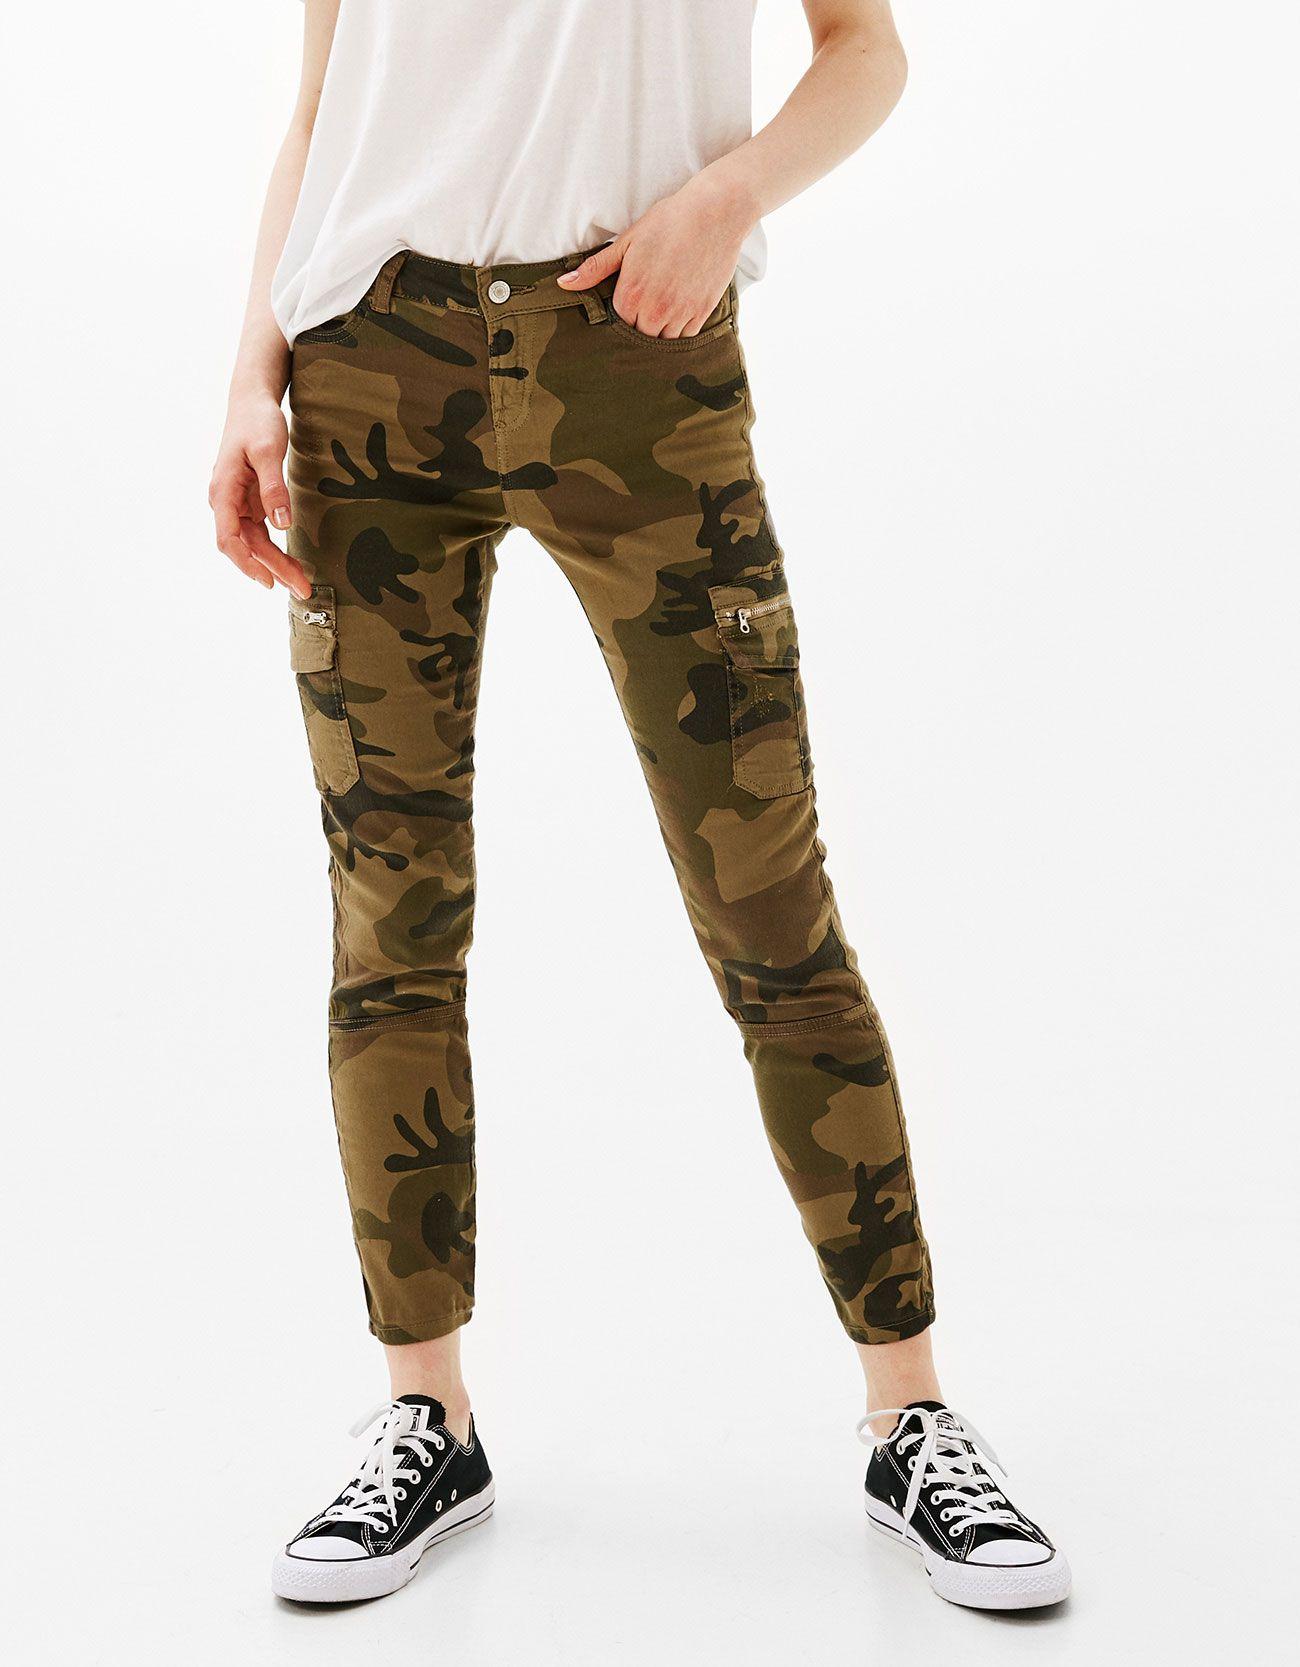 Pantalon Cargo Bolsillos Descubre Esta Y Muchas Otras Prendas En Bershka Con Nuevos Productos Cada Semana Pantalones Bershka Pantalones Cargo Pantalones